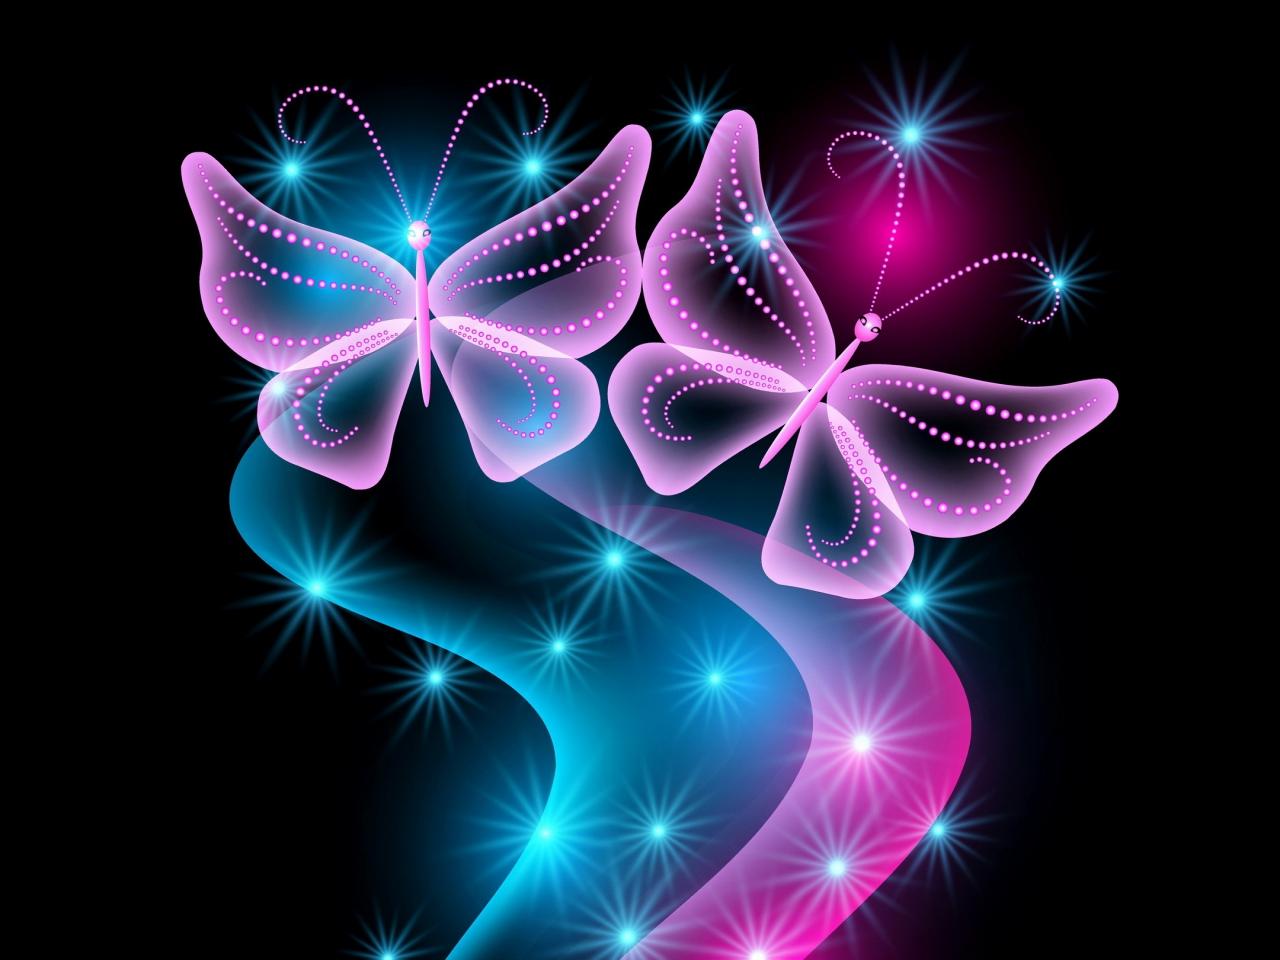 neon Bilder Schmetterlinge Hintergrundbilder abstrakte Vektor helle 1280x960